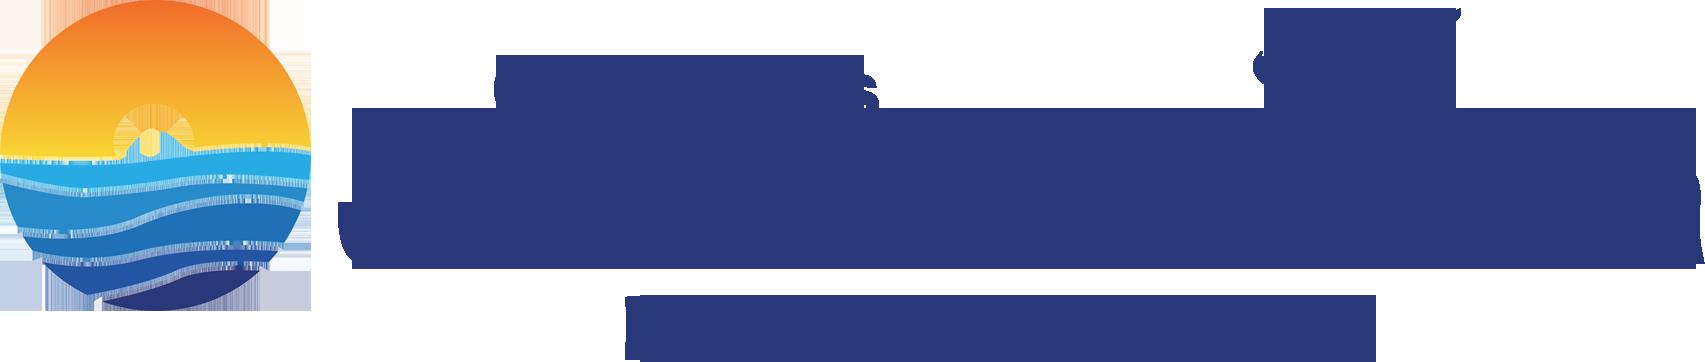 Juan Gaviota